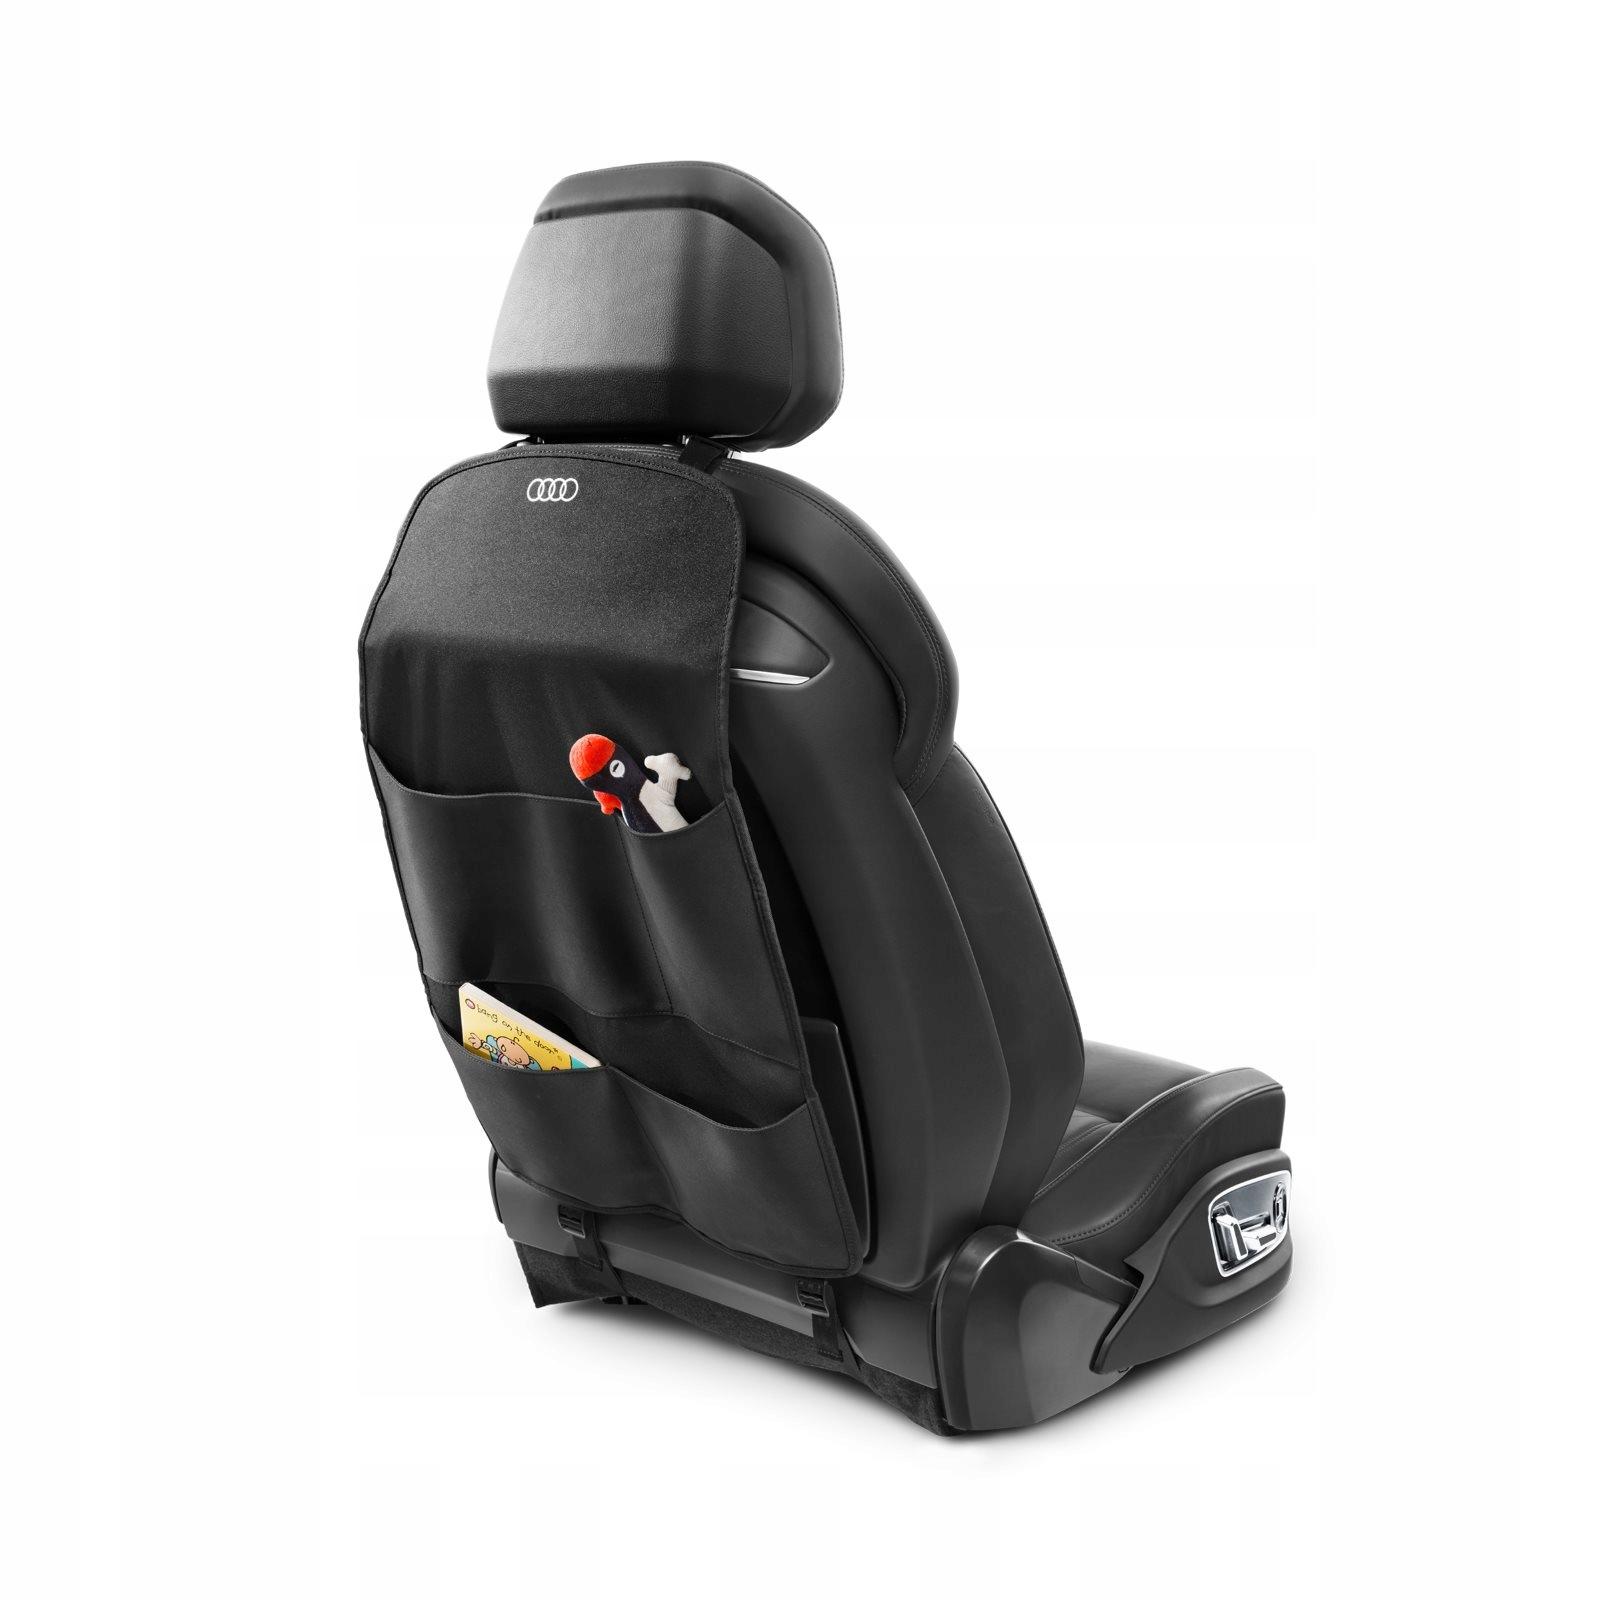 Подлокотник сиденья с защитой от перенапряжения AUDI ORGANIZER ASO